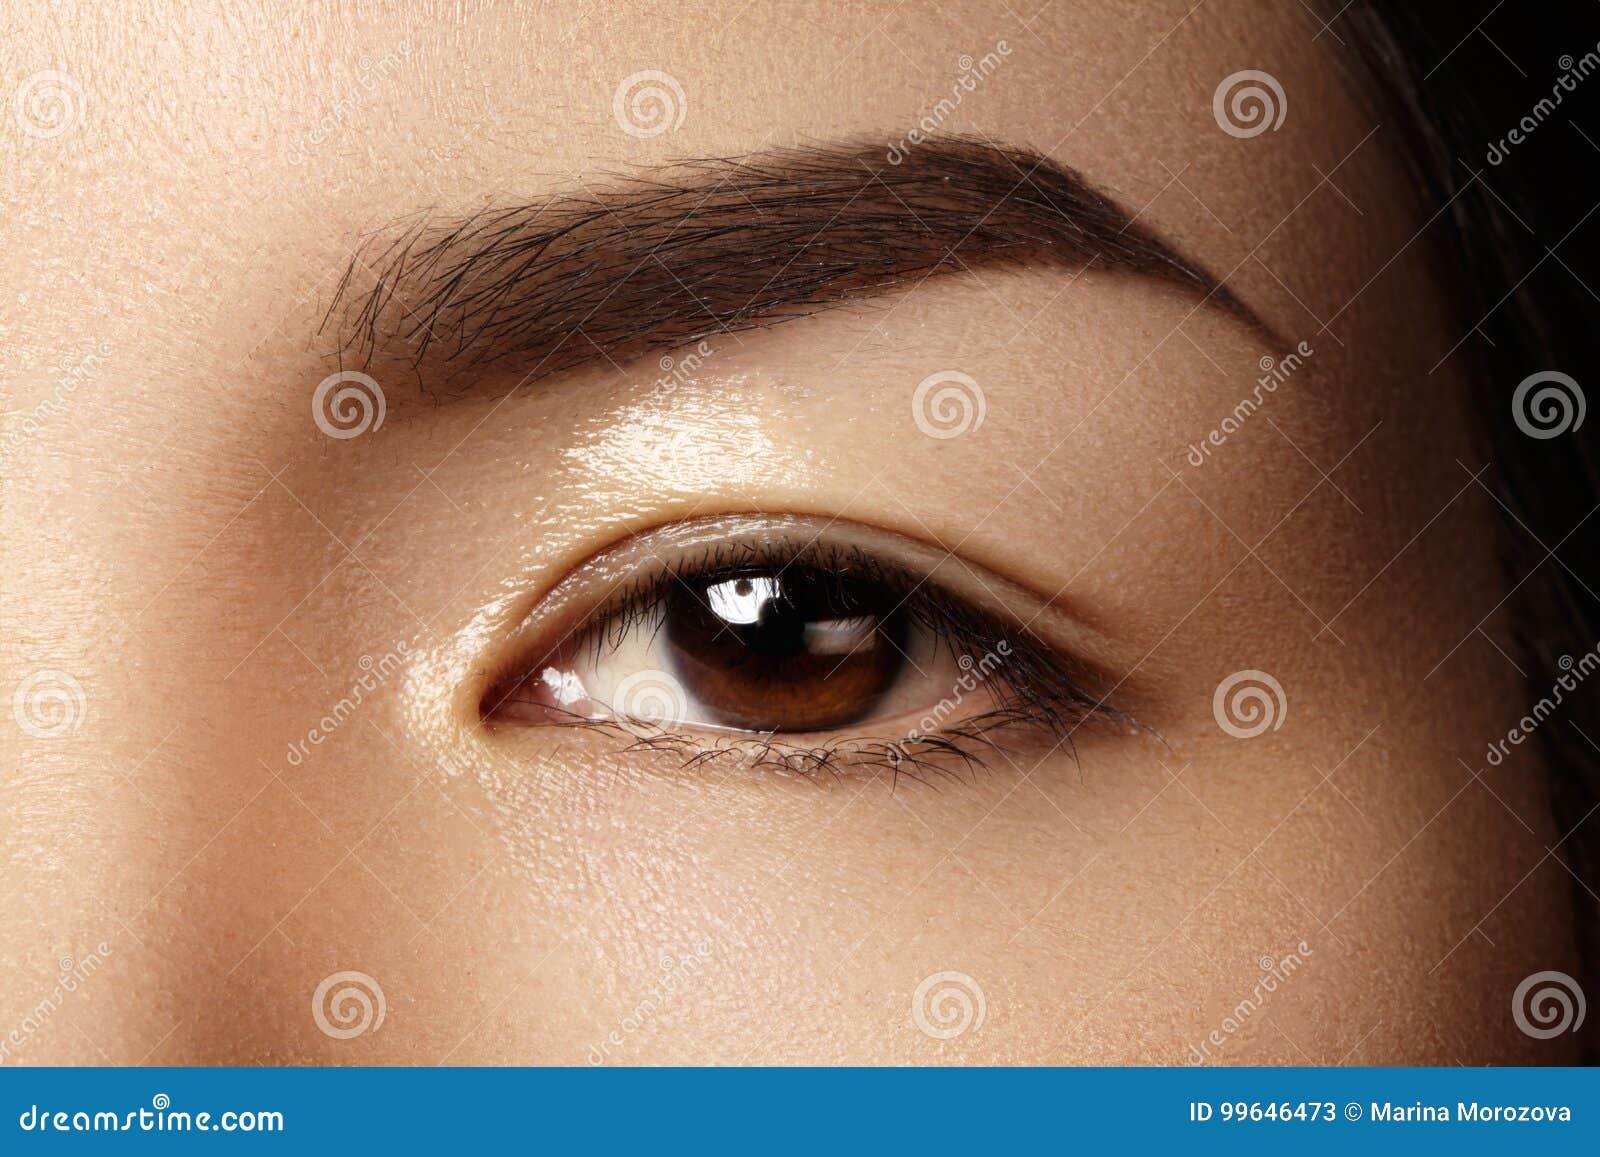 Красивый женский глаз с чистой кожей, ежедневным составом моды Азиатская модельная сторона Совершенная форма брови